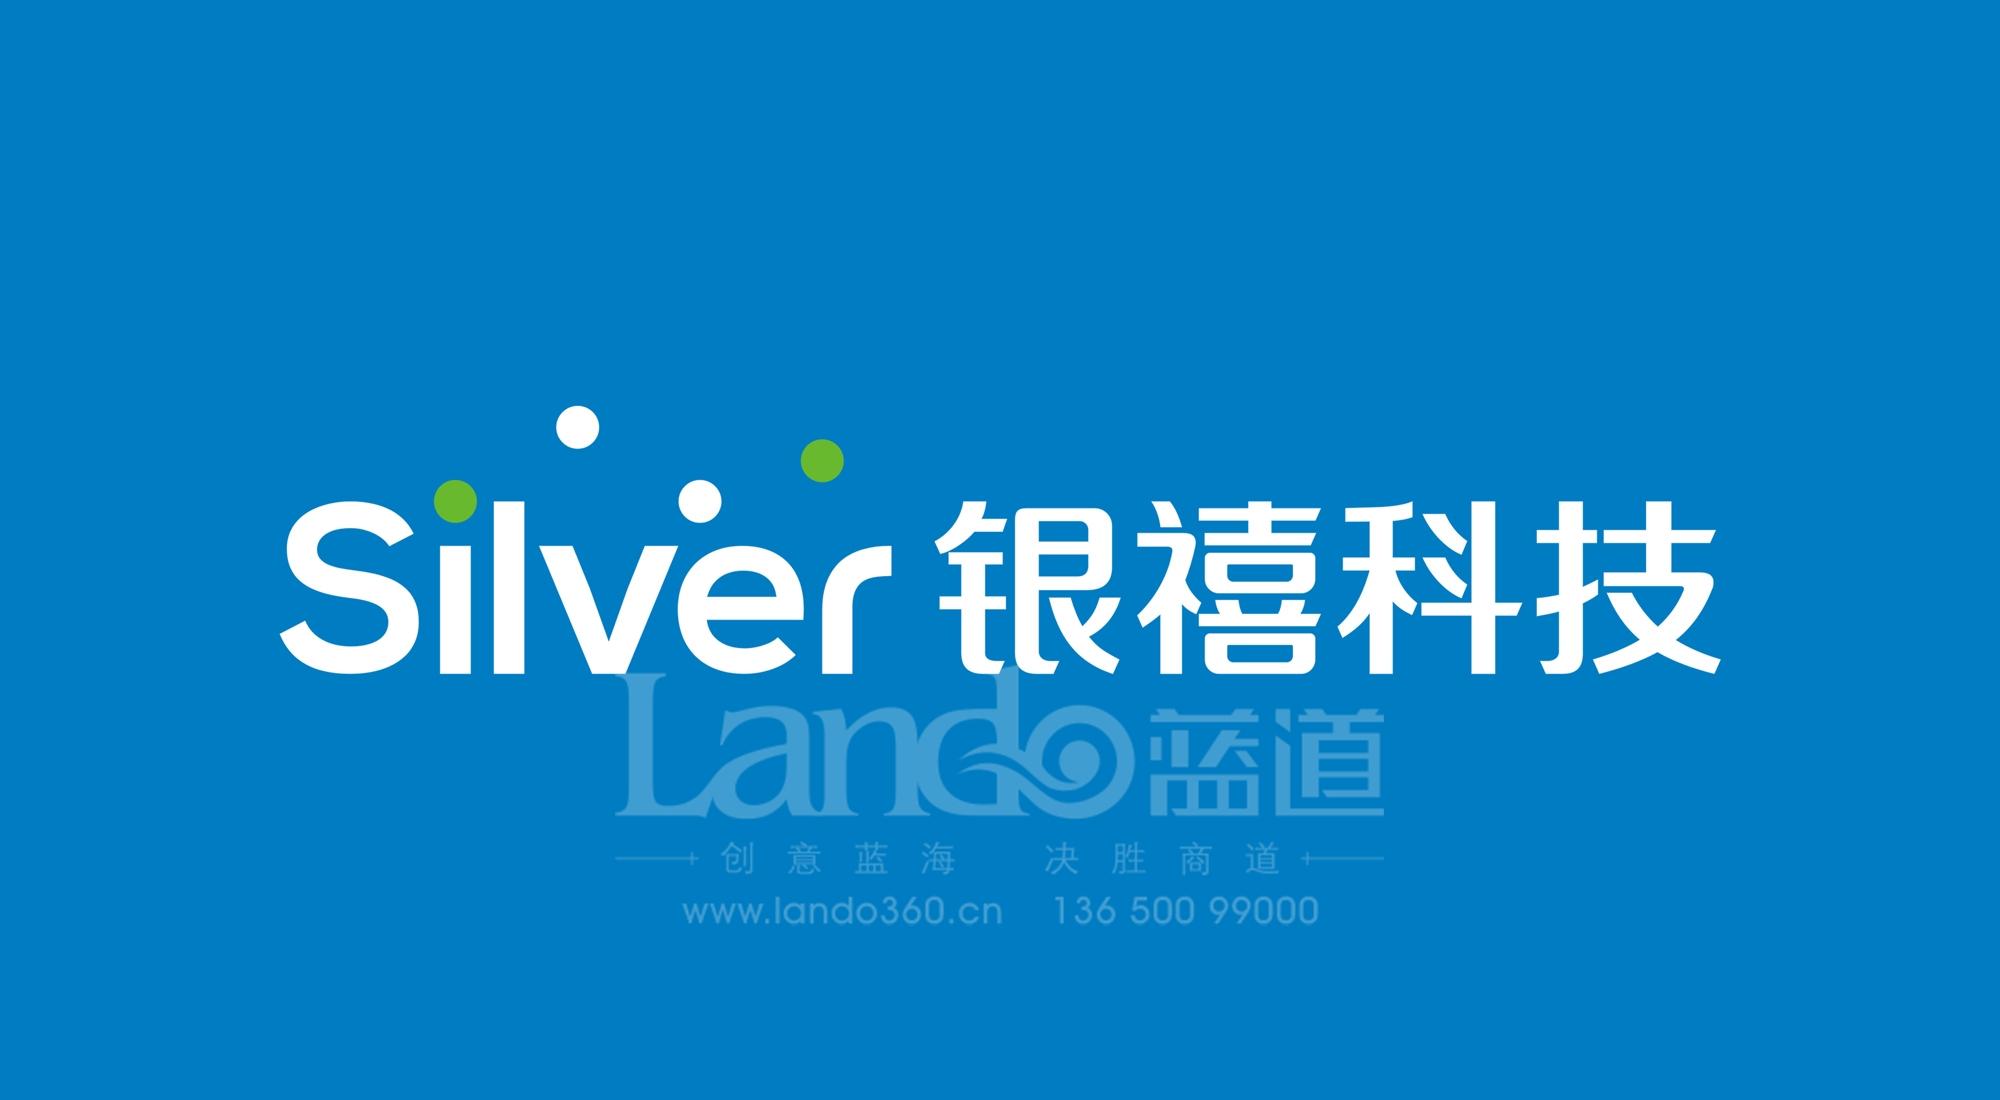 银禧光电logo贴图-1